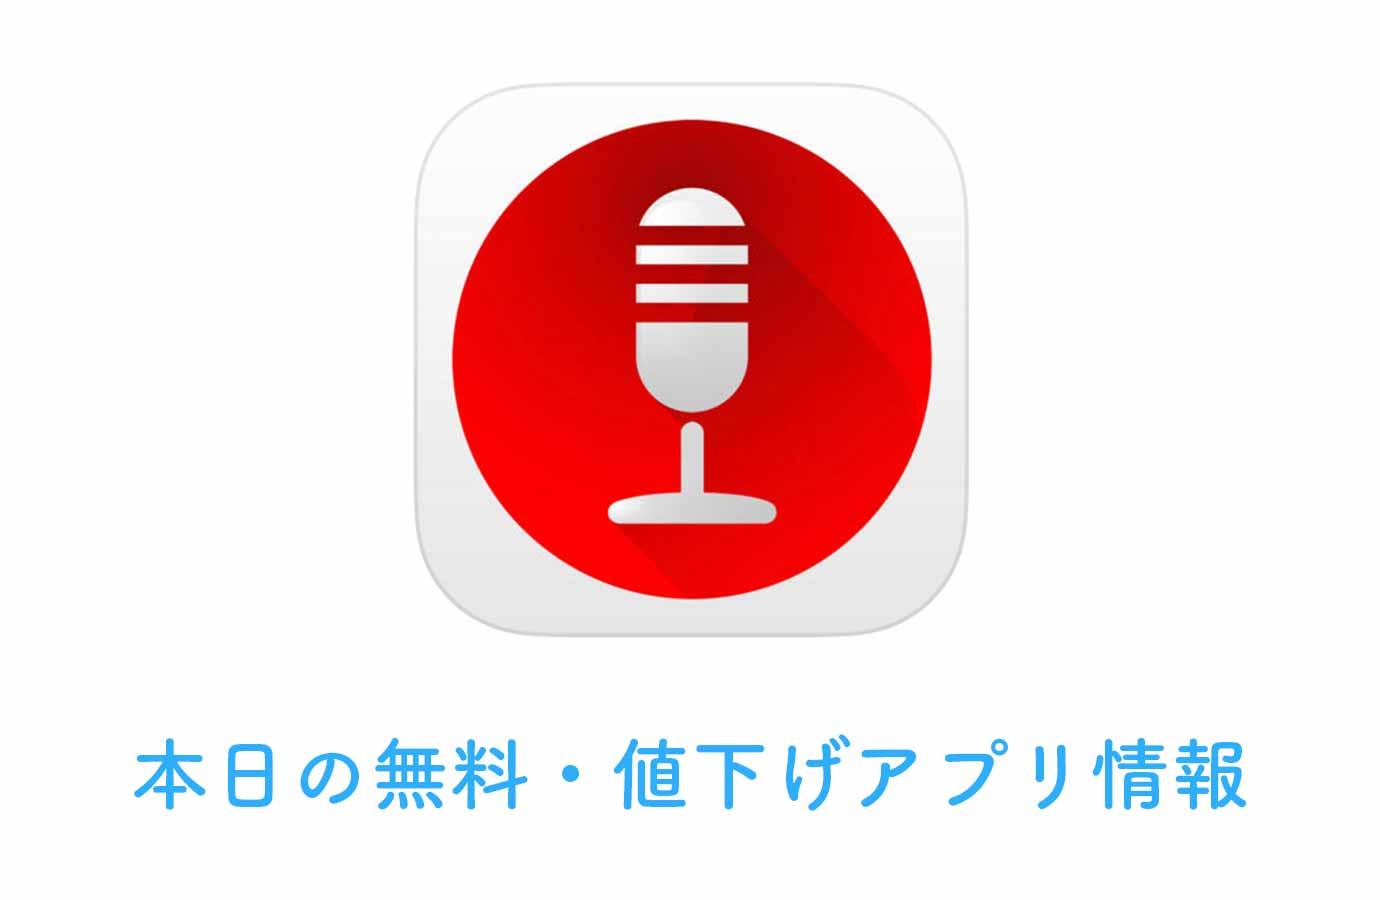 【360円→無料】高音質で高機能なボイスメモアプリ「ディクタフォン」など【2/24】本日の無料・値下げアプリ情報